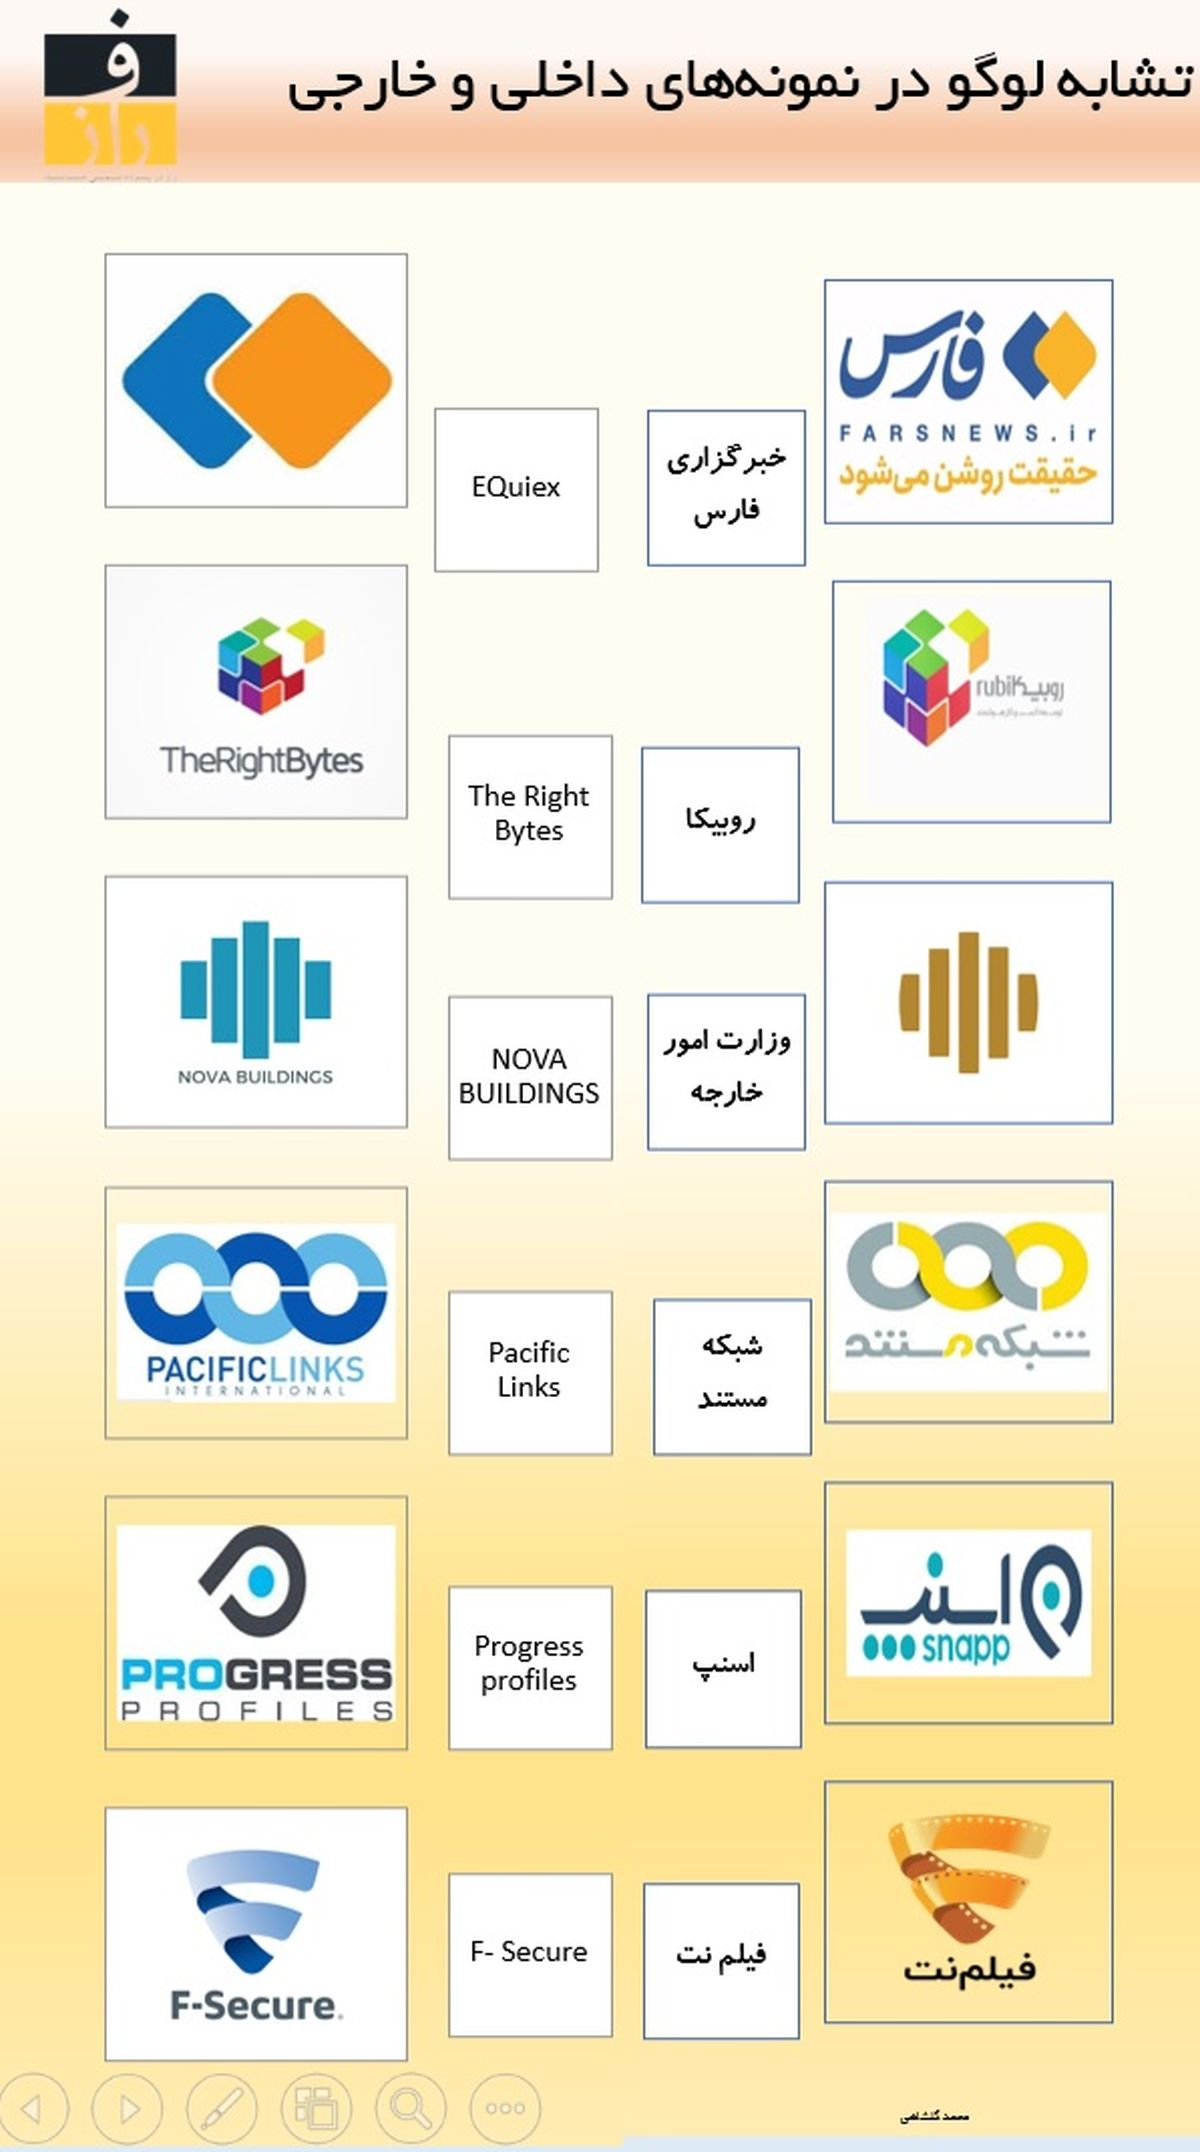 تشابه لوگوهای داخلی و خارجی